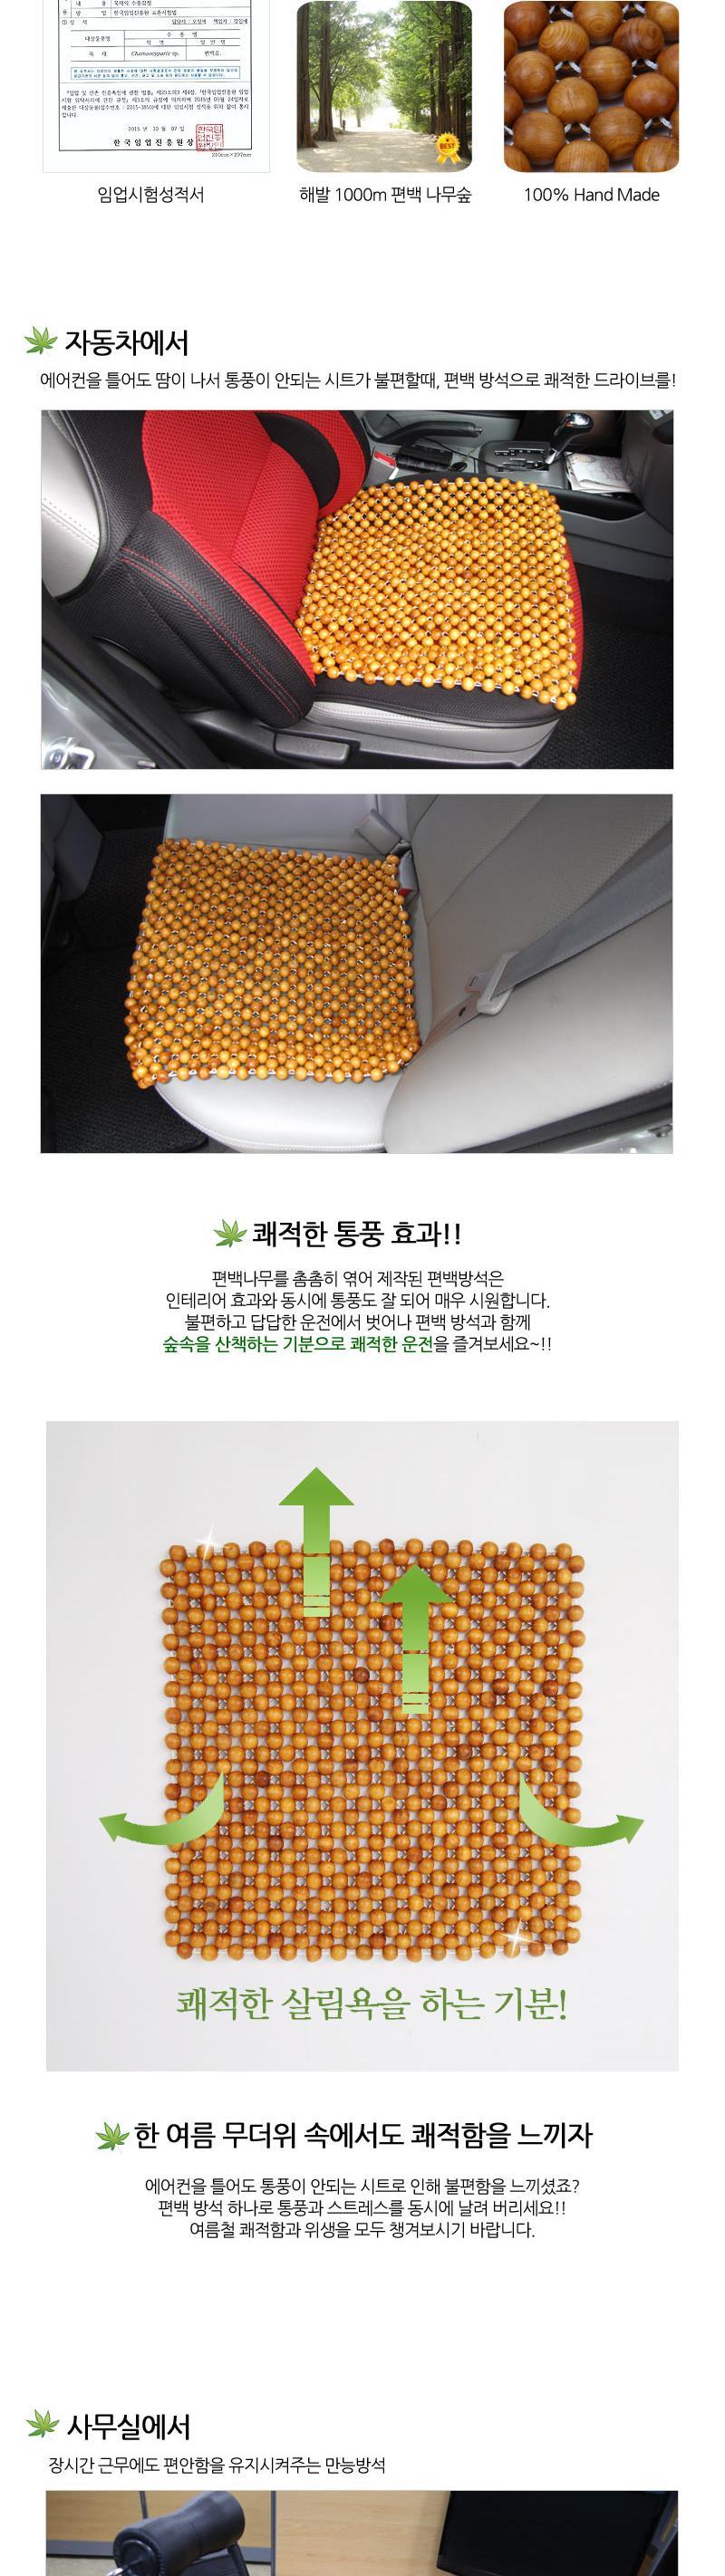 편백나무 방석 가정용목제방석 나무방석 가정용일반방 가정용목제방석 나무방석 가정용일반방석 일반나무방석 일반방석